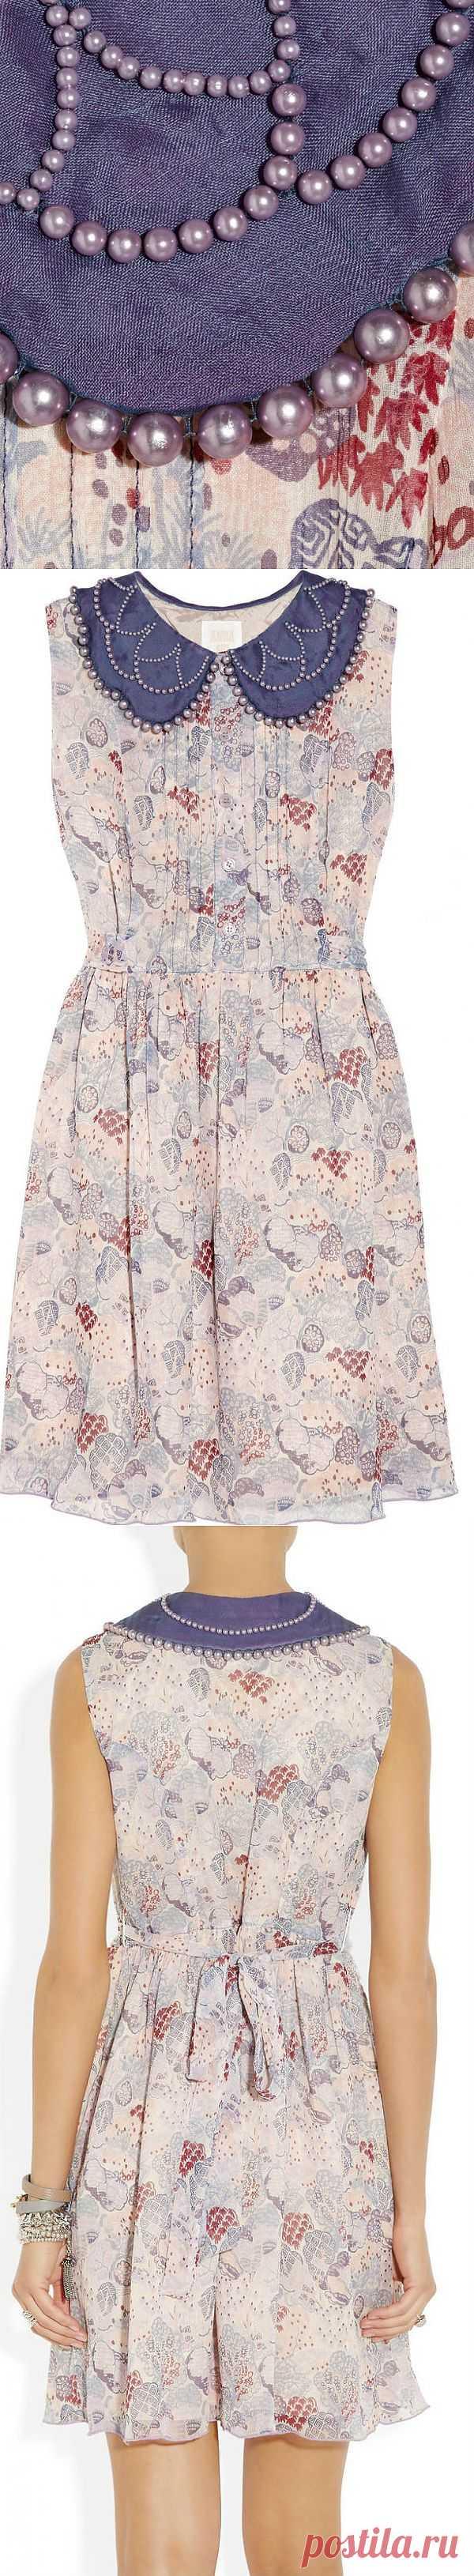 Воротничок Anna Sui / Воротнички / Модный сайт о стильной переделке одежды и интерьера